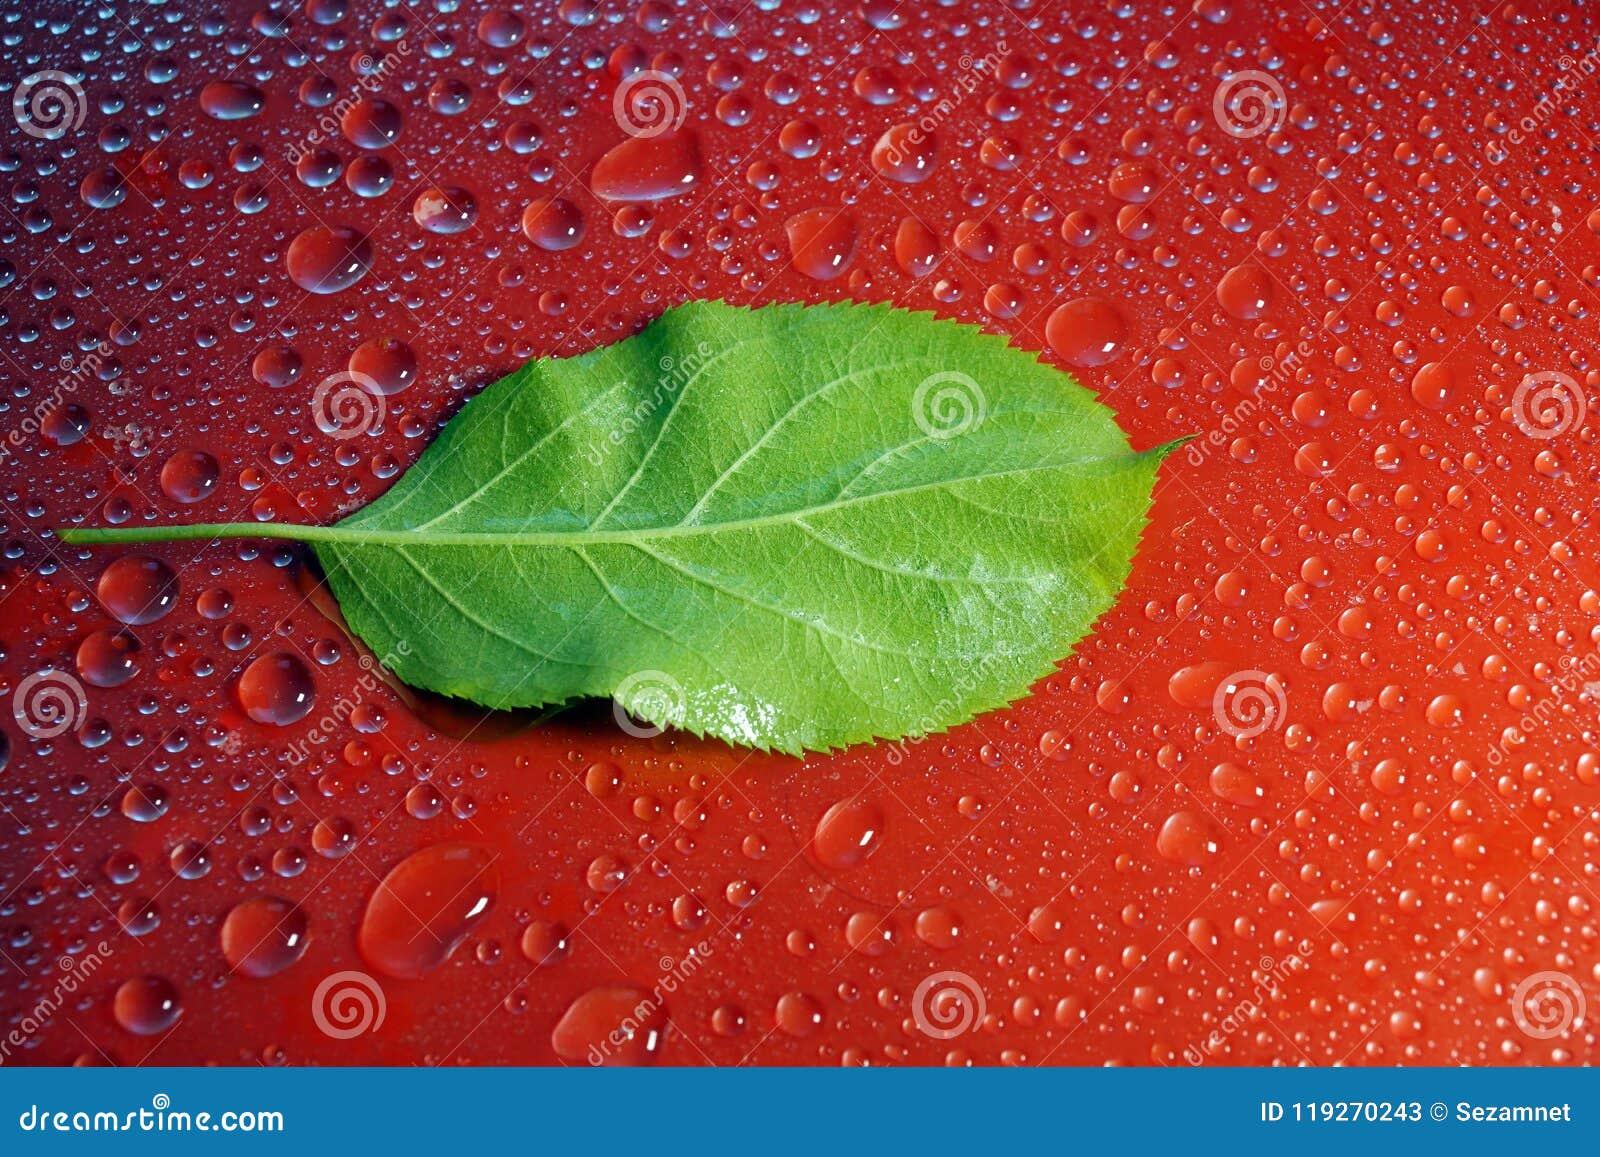 Giovane Apple verde copre di foglie e gocce di acqua sull ecologia rossa del fondo